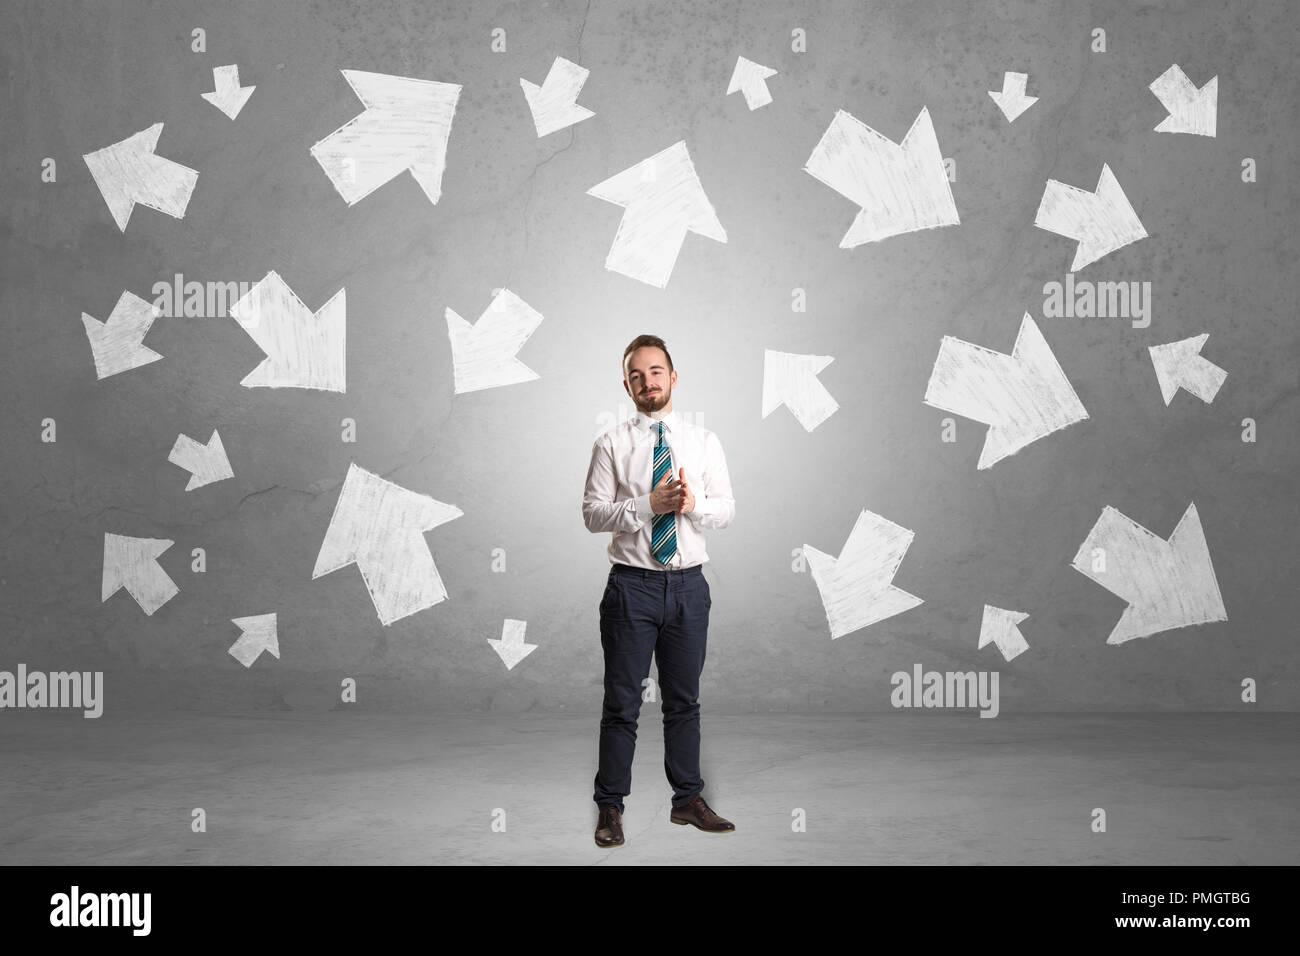 Guapo empresario de pie delante de una pared con tiza dibuja flechas Imagen De Stock